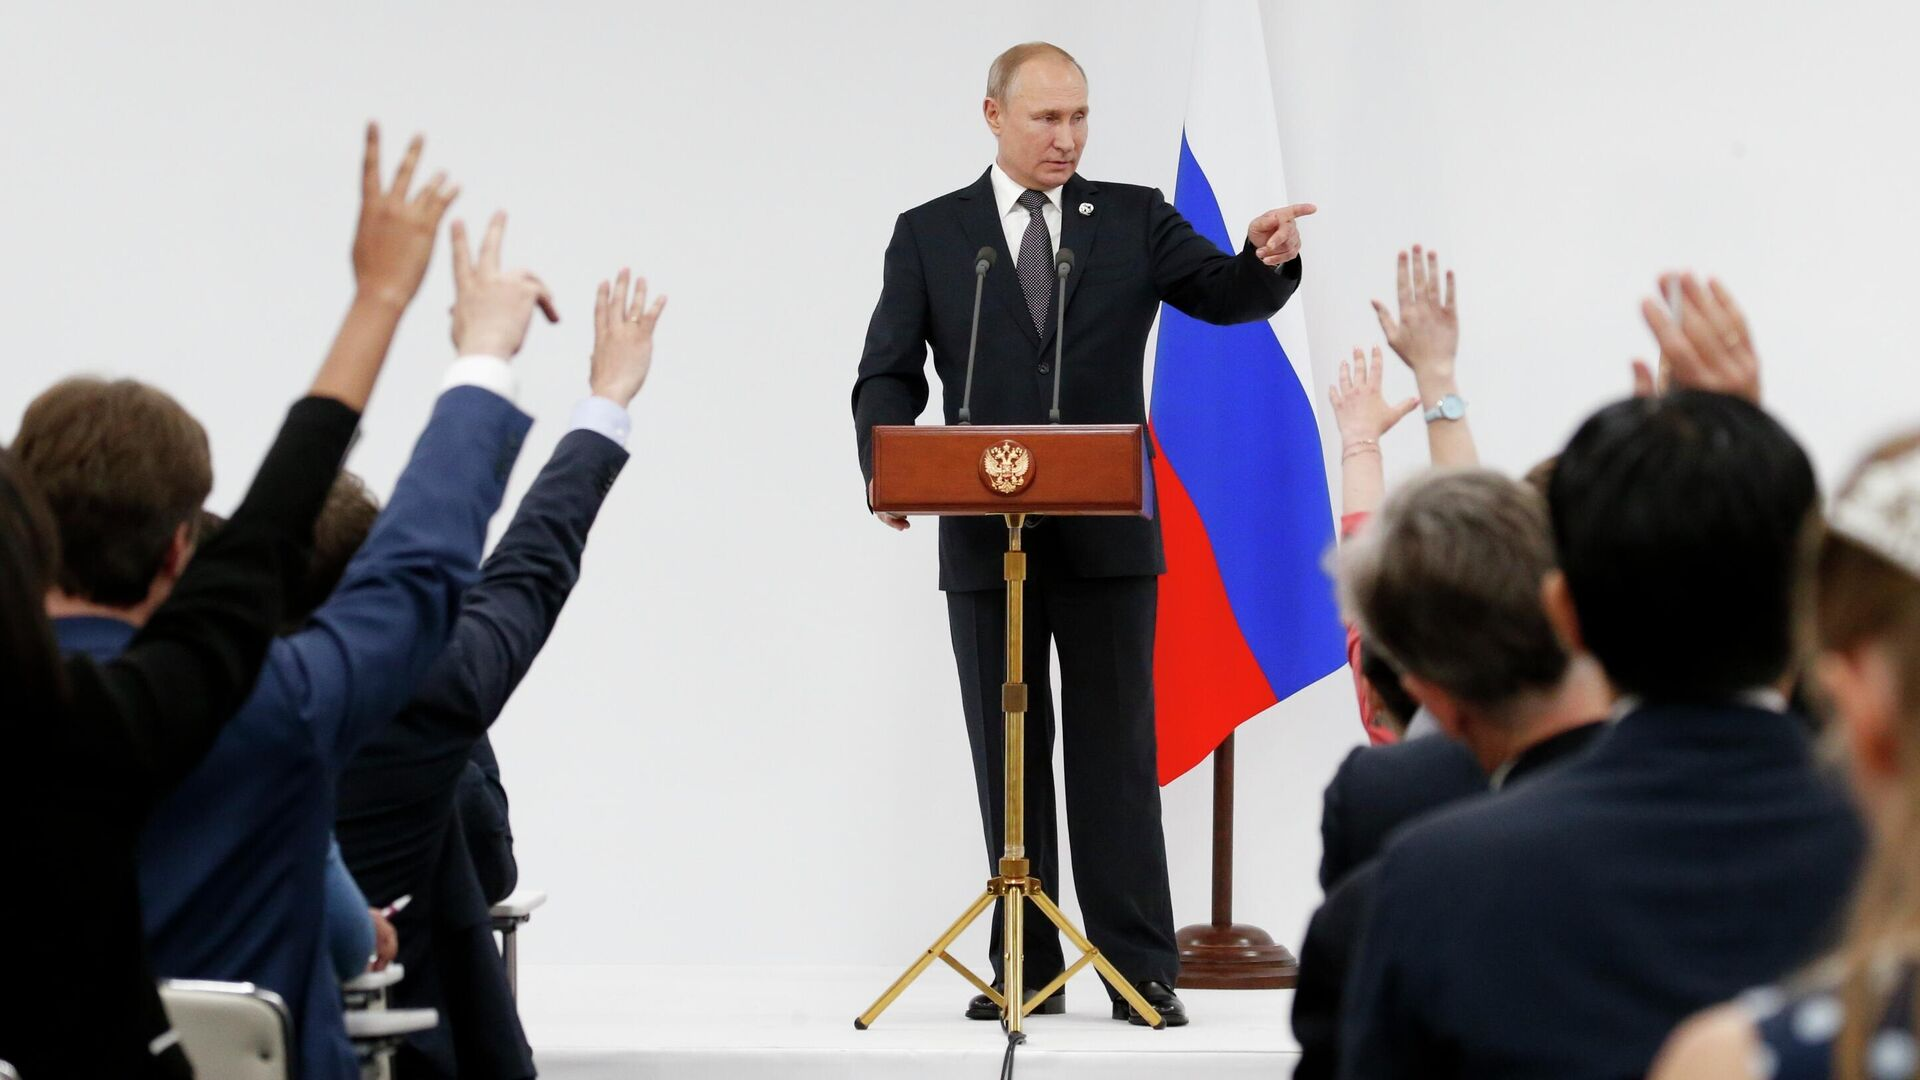 Президент РФ Владимир Путин на пресс-конференции по итогам саммита Группы двадцати - РИА Новости, 1920, 20.11.2020